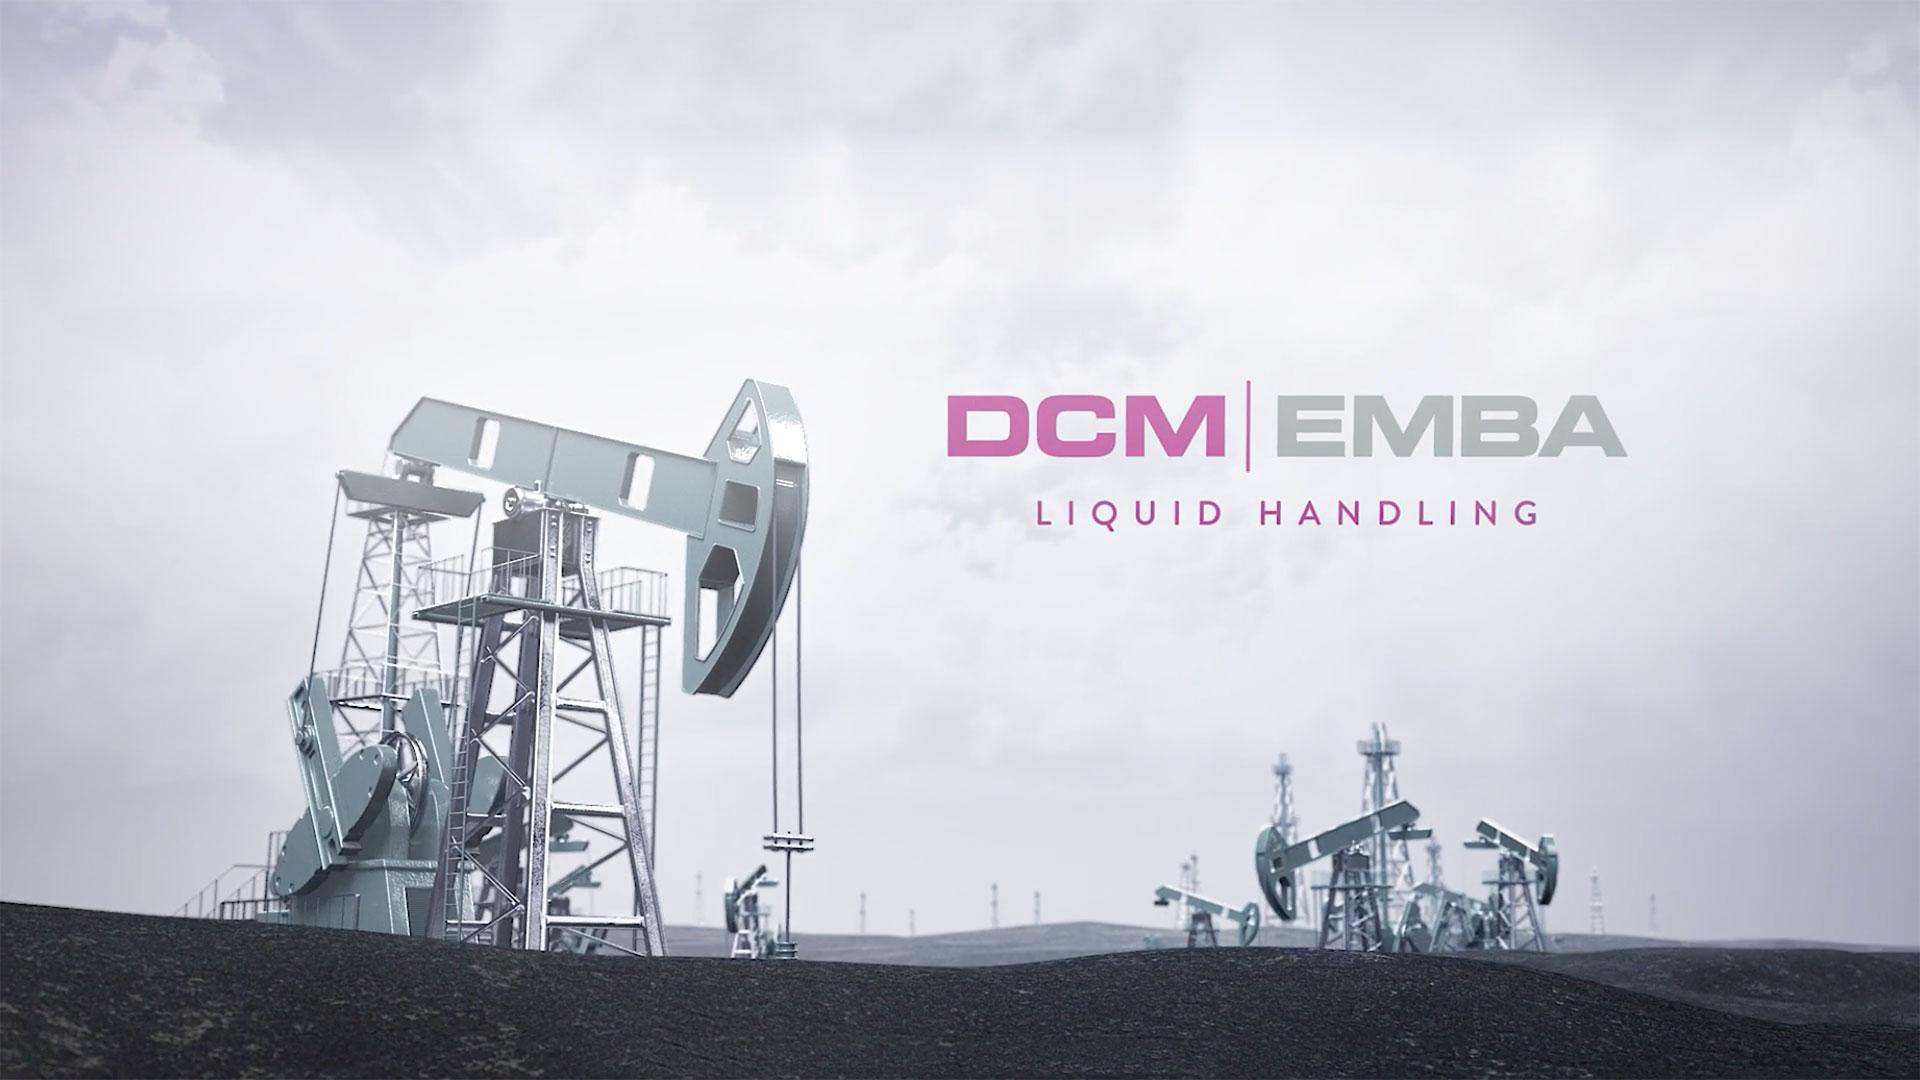 DCM EMBA liquid handling